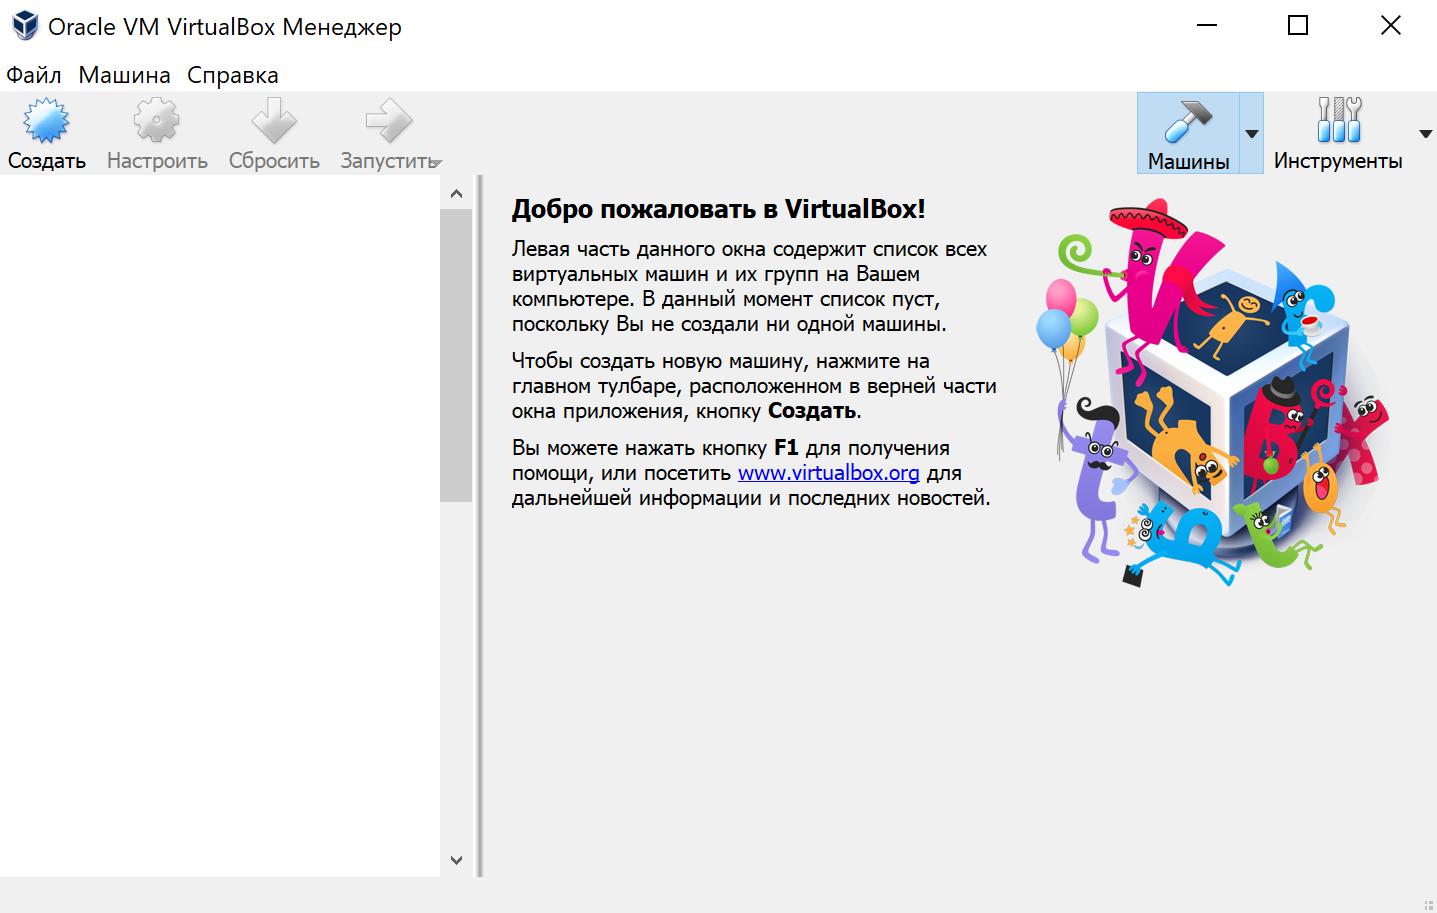 VirtualBox главная страница